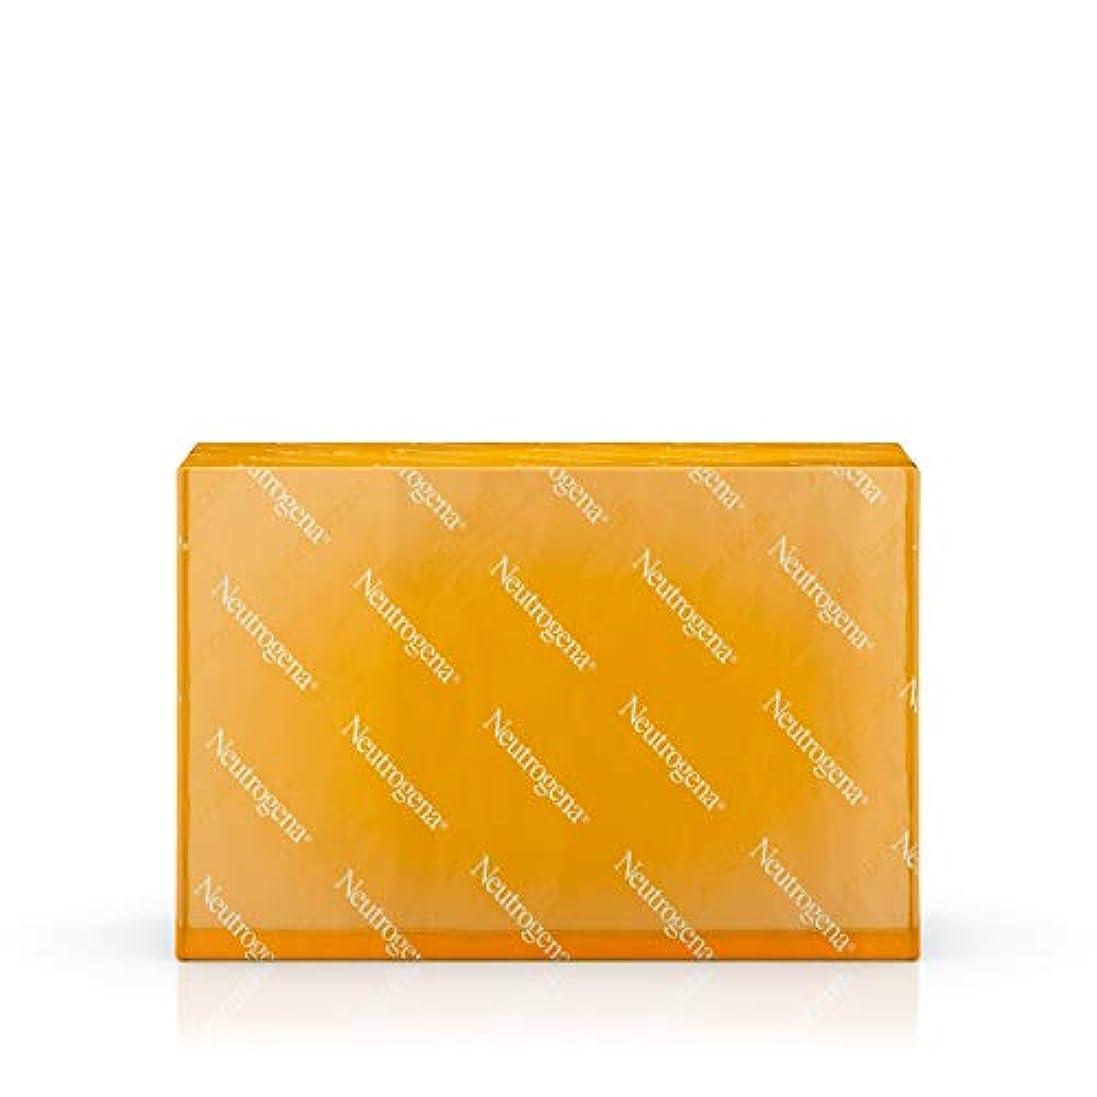 最初必要としている食器棚海外直送品 Neutrogena Neutrogena Transparent Facial Bar Soap Fragrance Free, Fragrance Free 3.5 oz